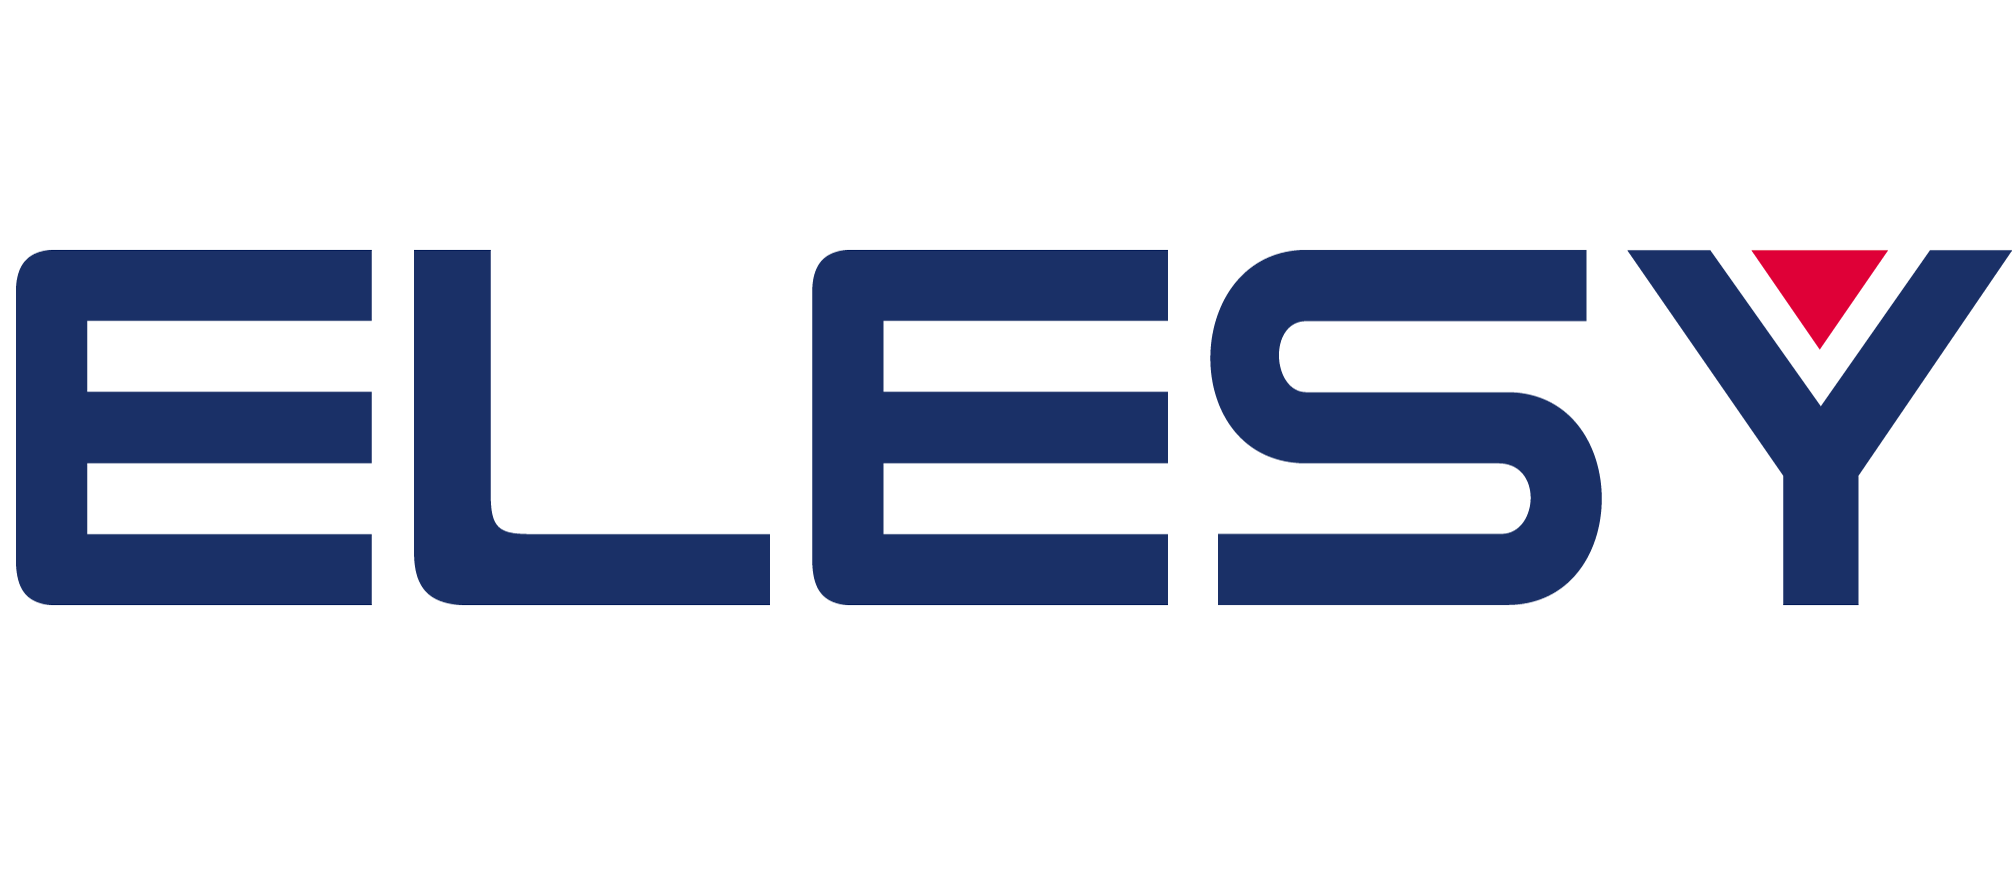 廣東伊萊斯電機有限公司